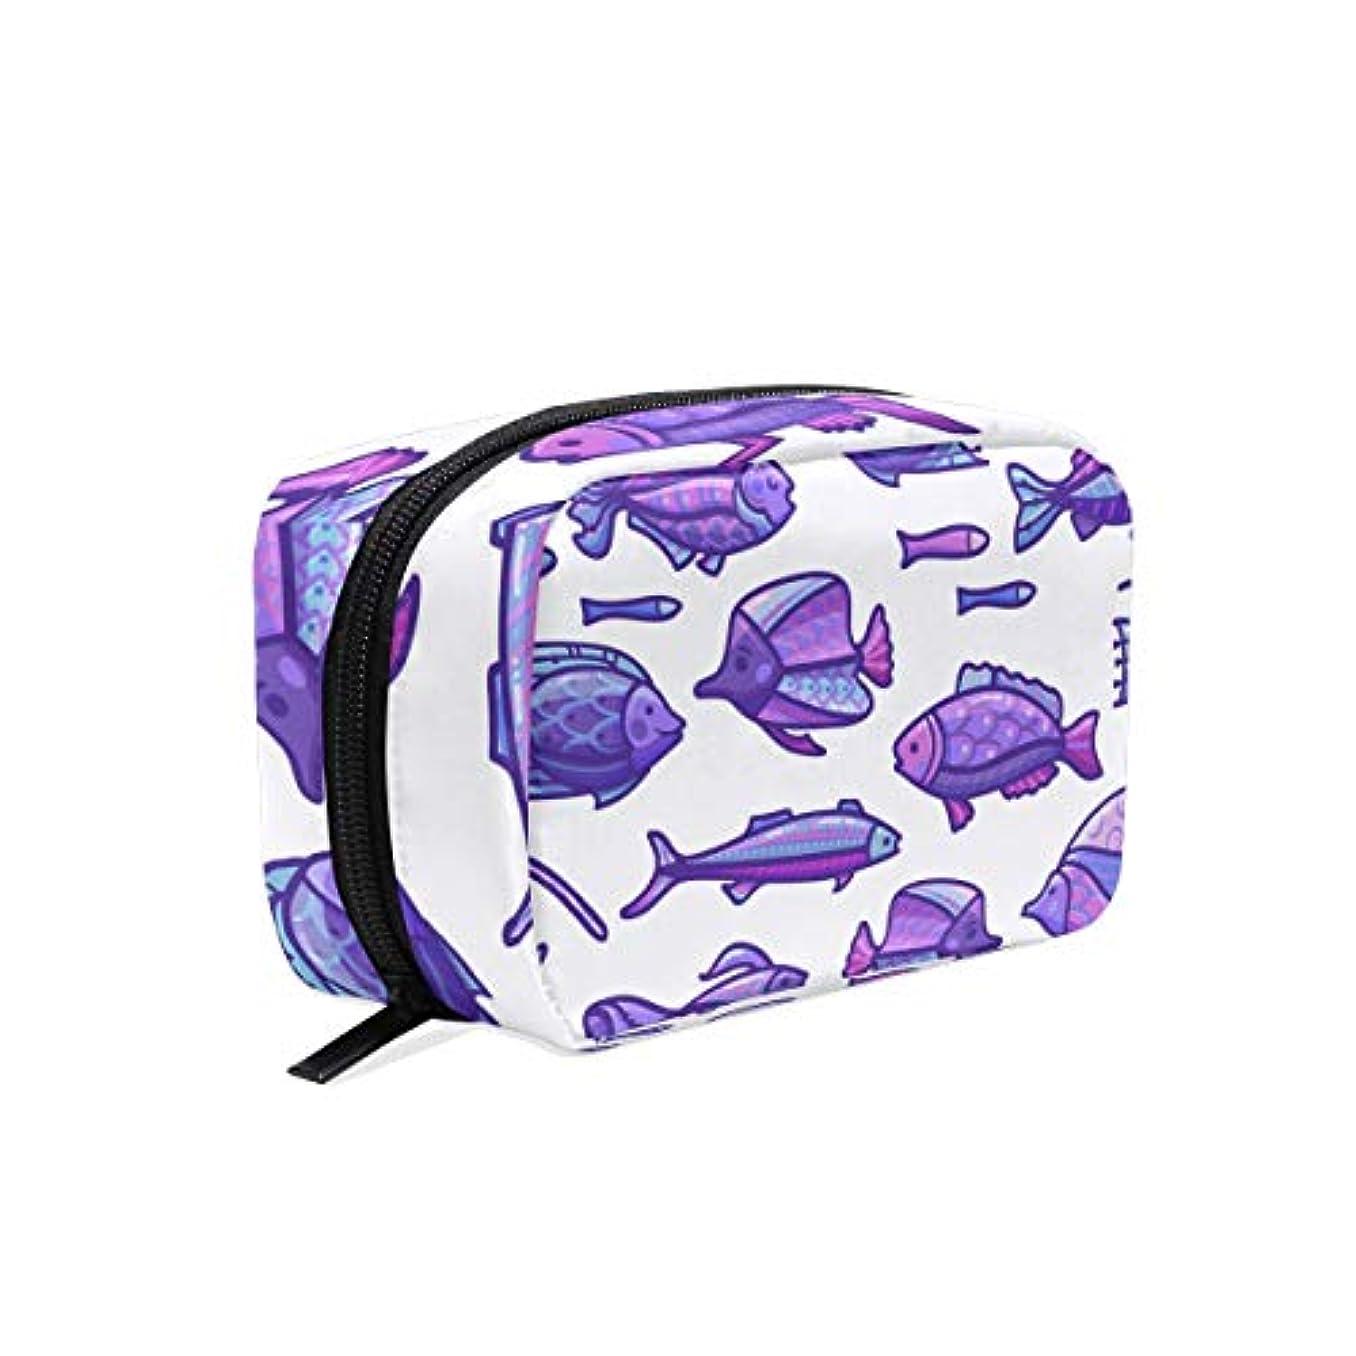 コジオスコ分布資産紫の宝石熱帯魚 化粧ポーチ メイクポーチ コスメポーチ 化粧品収納 小物入れ 軽い 軽量 旅行も便利 [並行輸入品]